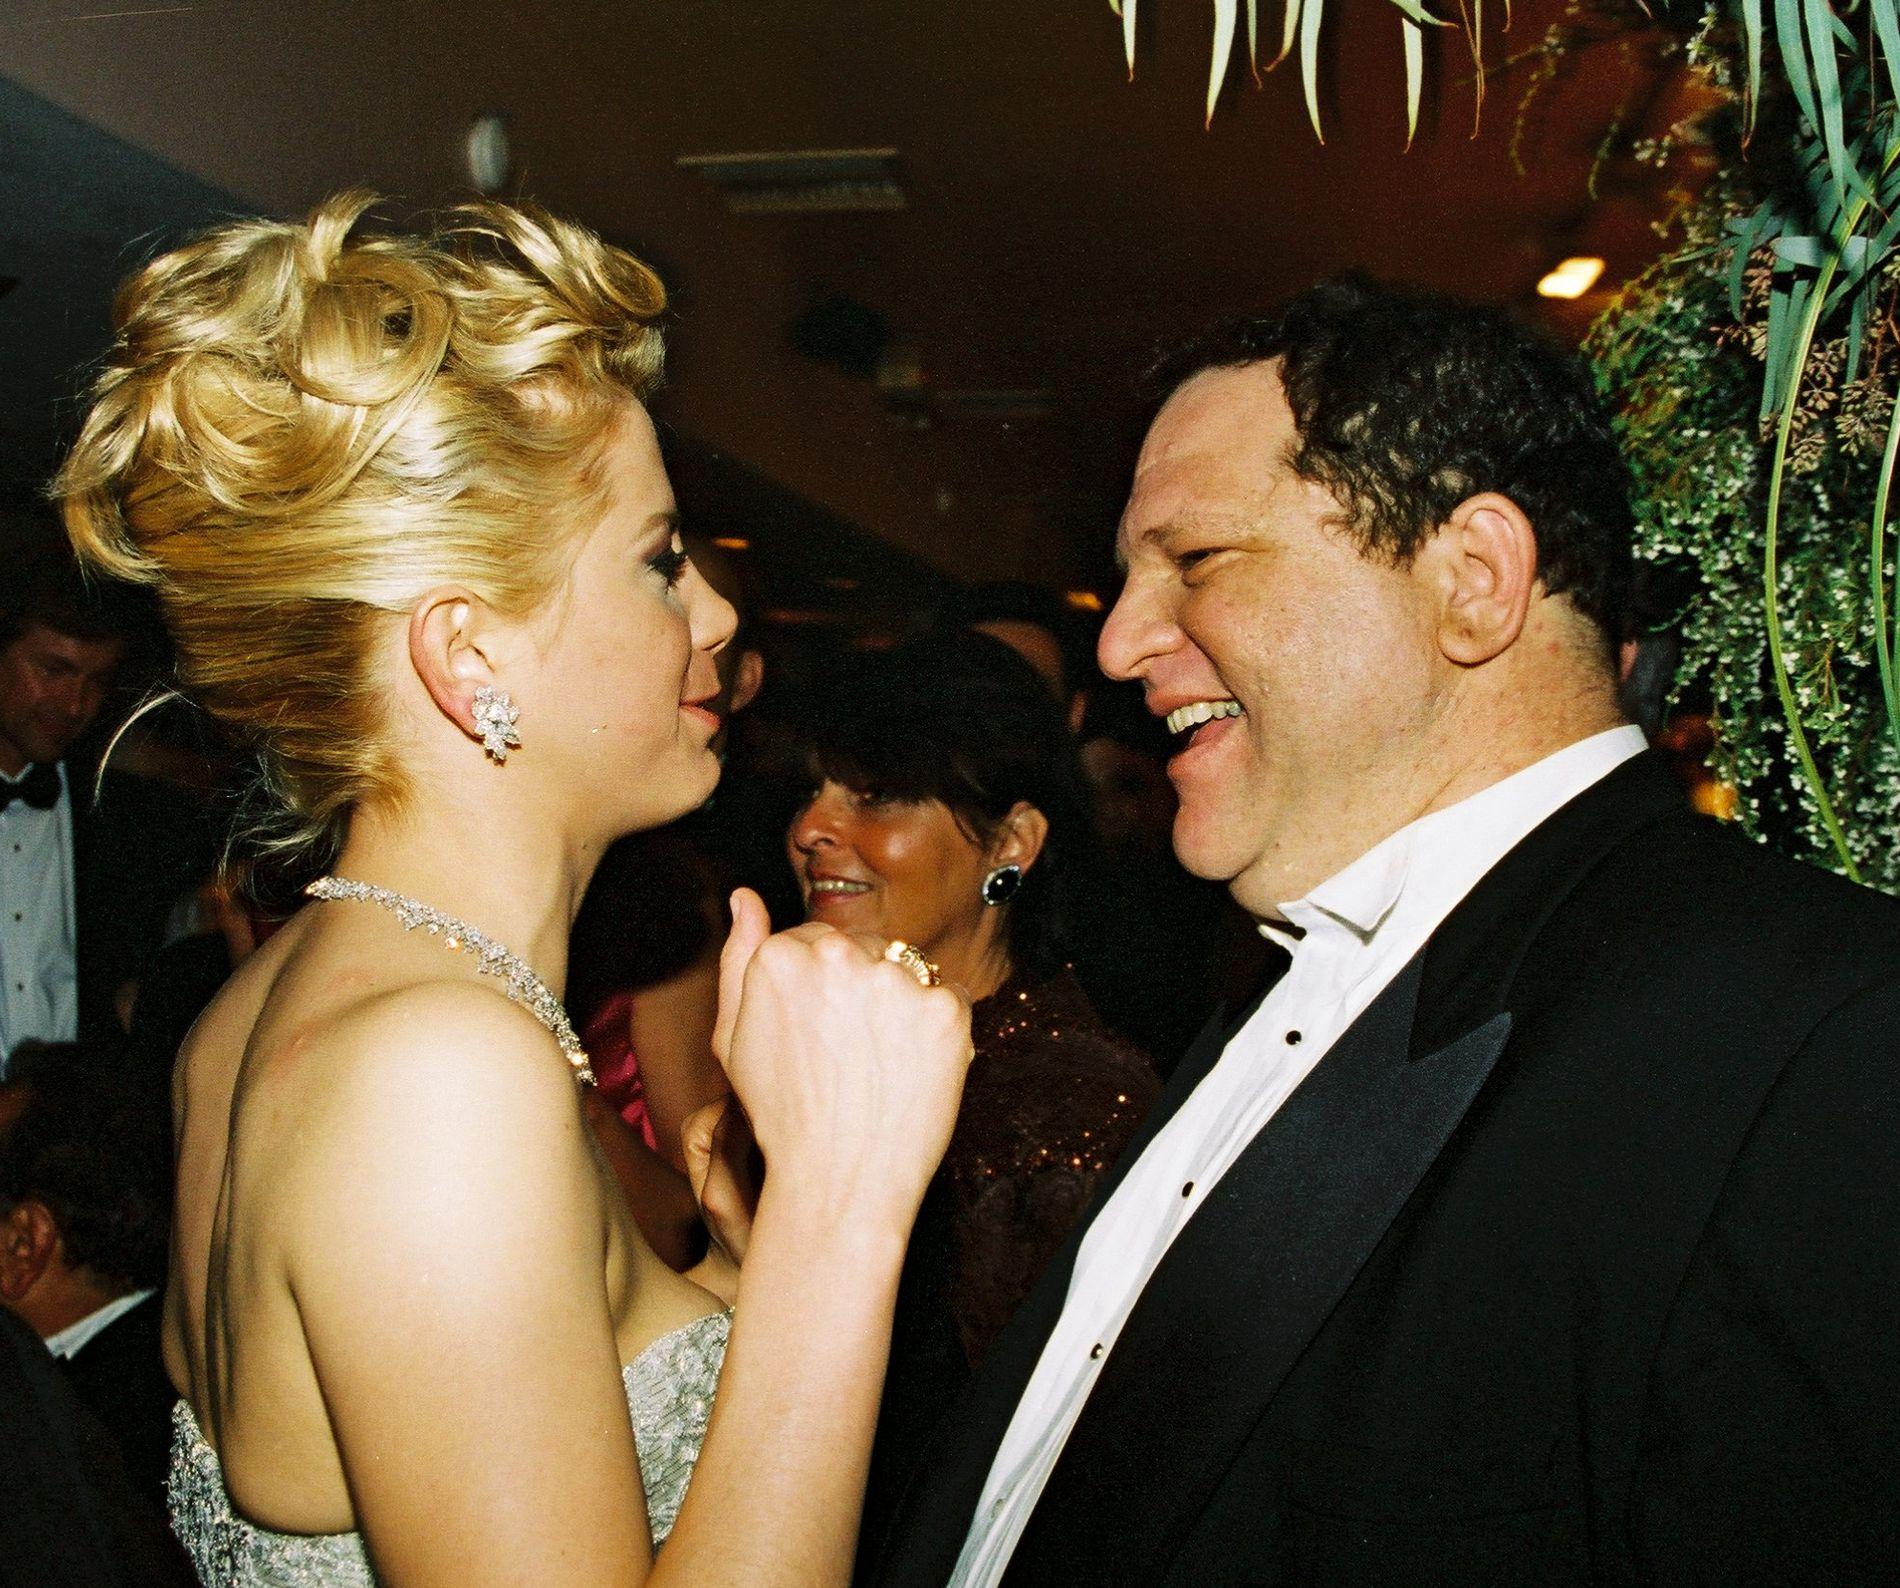 SKJEBNEMØTE: Mira Sorvino og Harvey Weinstein sammen på produksjonsselskapet Miramax Oscar-fest på Hollywood Spago 25. mars 1996 – fem måneder etter at filmmogulen angivelig skal ha trakassert henne på et hotellrom i Toronto. Foto: BERLINER STUDIO / BEIMAGES